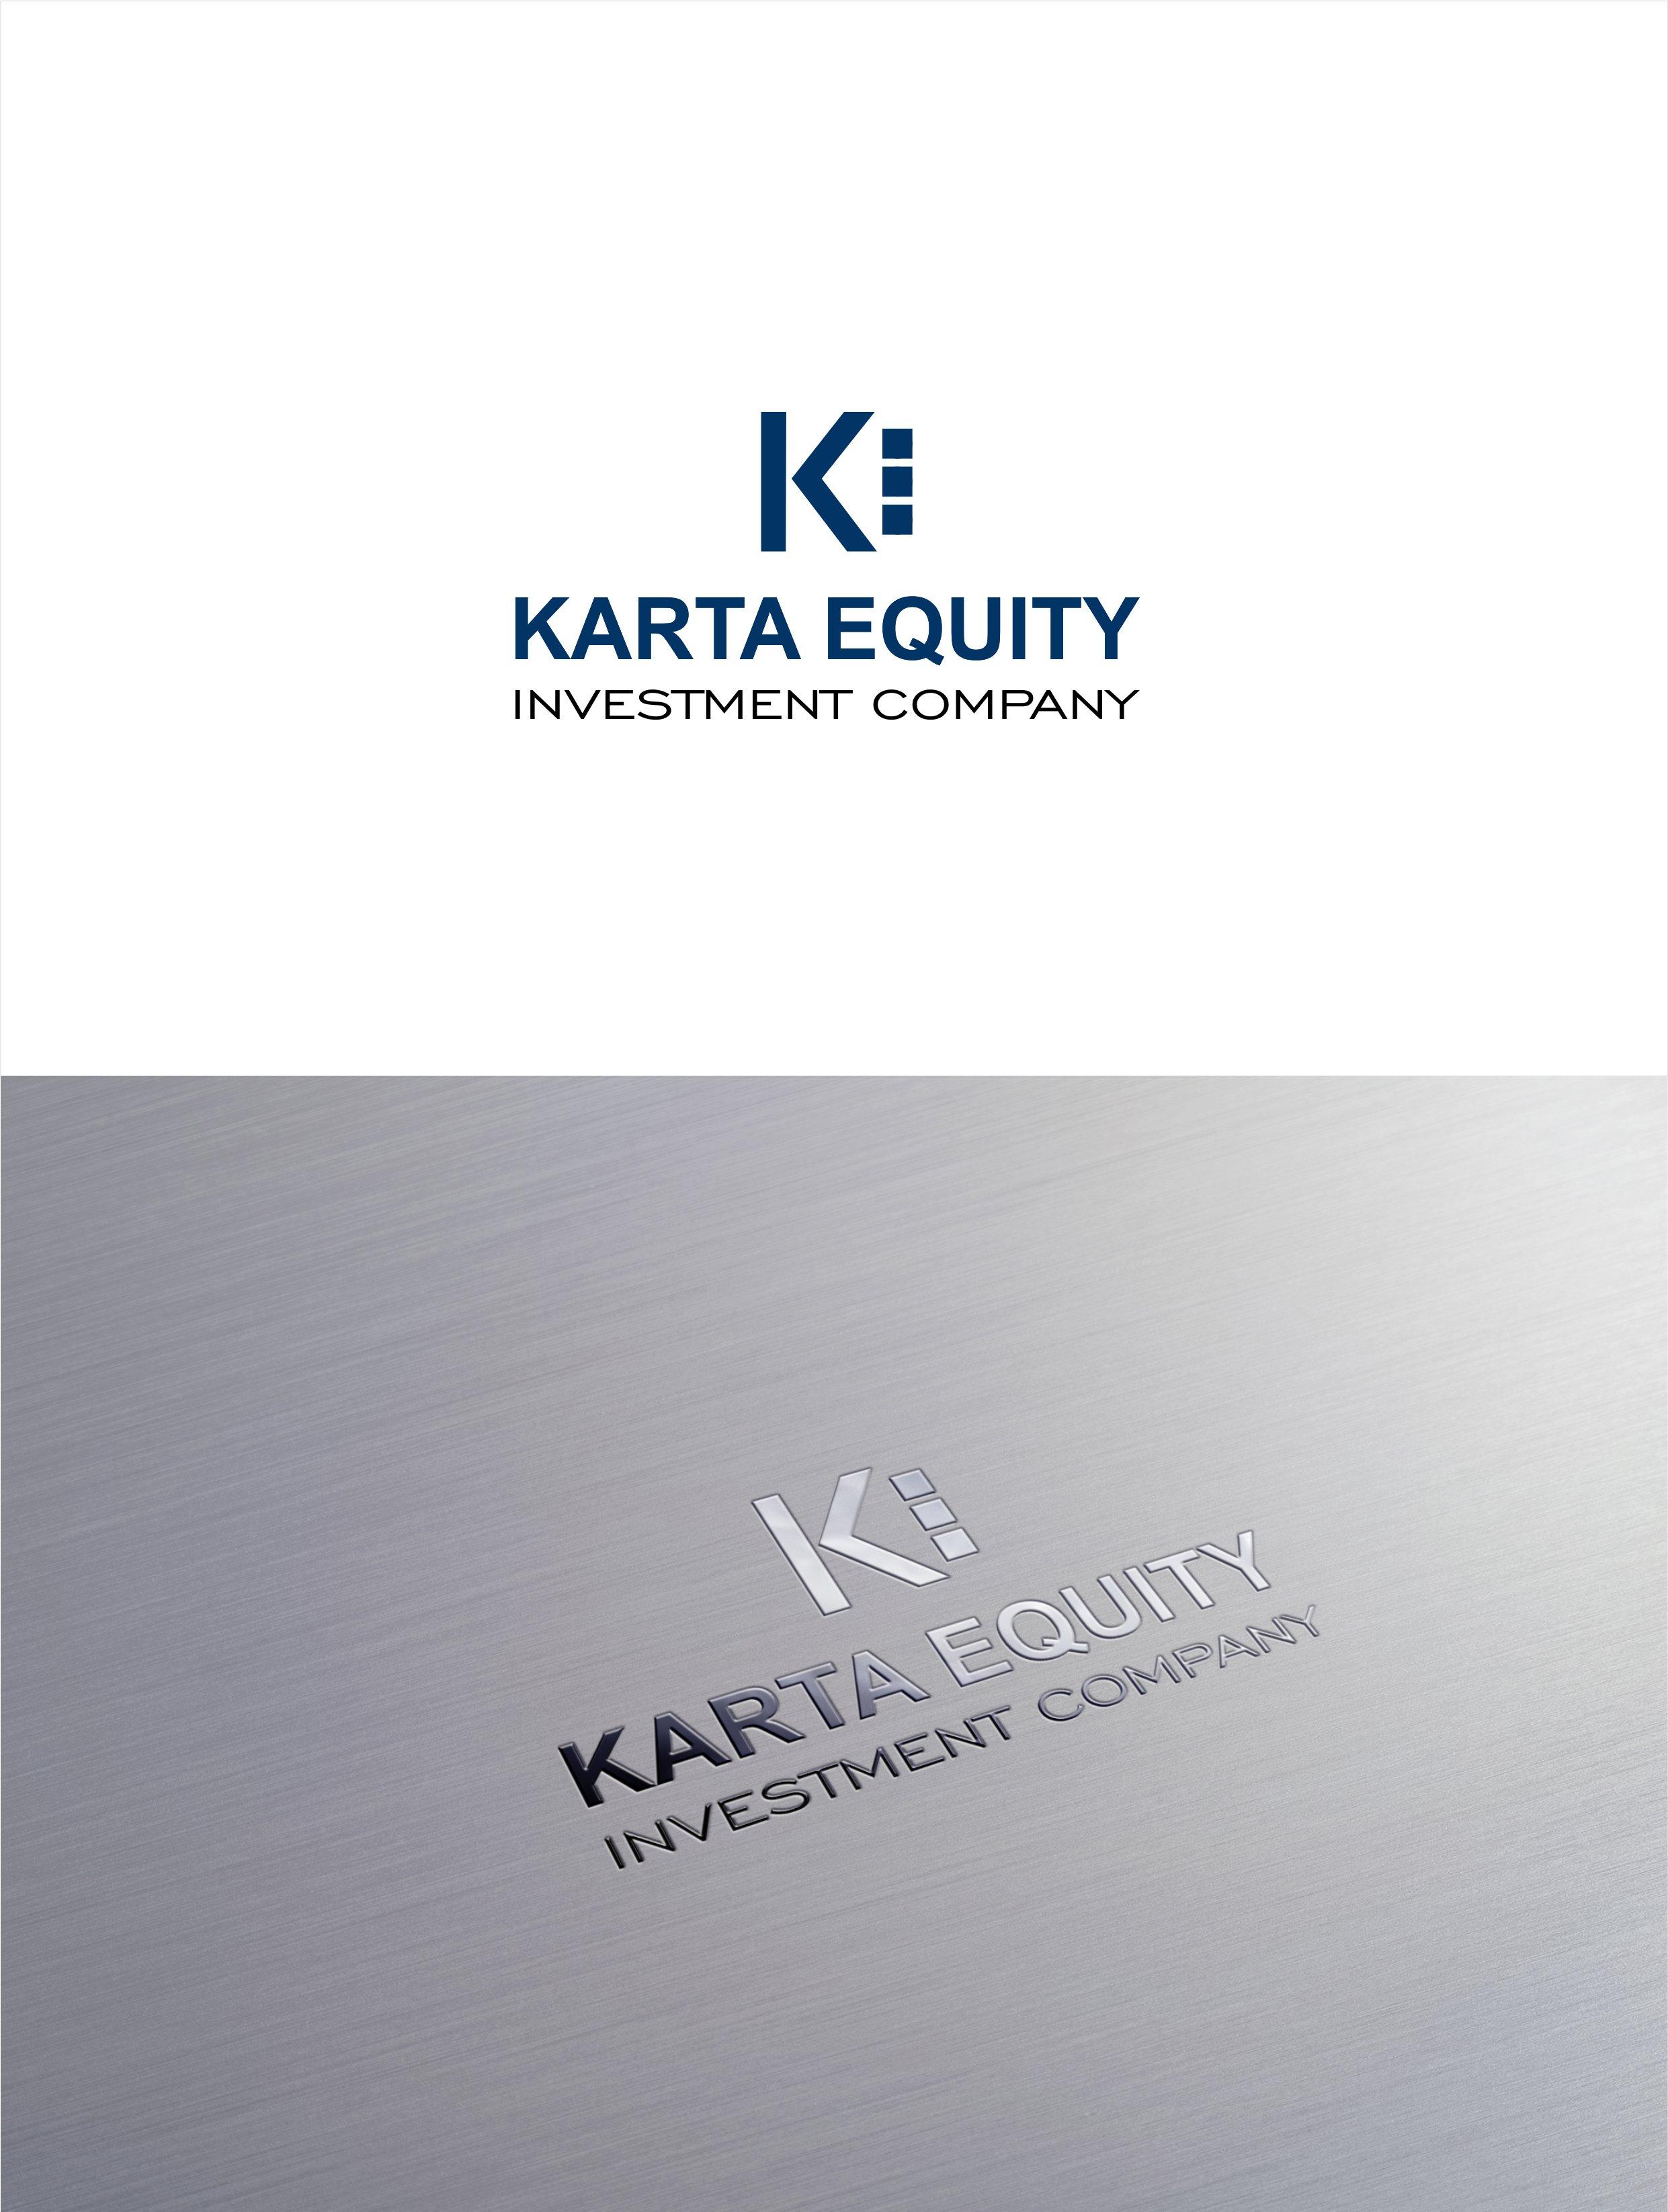 Логотип для компании инвестироваюшей в жилую недвижимость фото f_0965e1b67a52c1bd.jpg